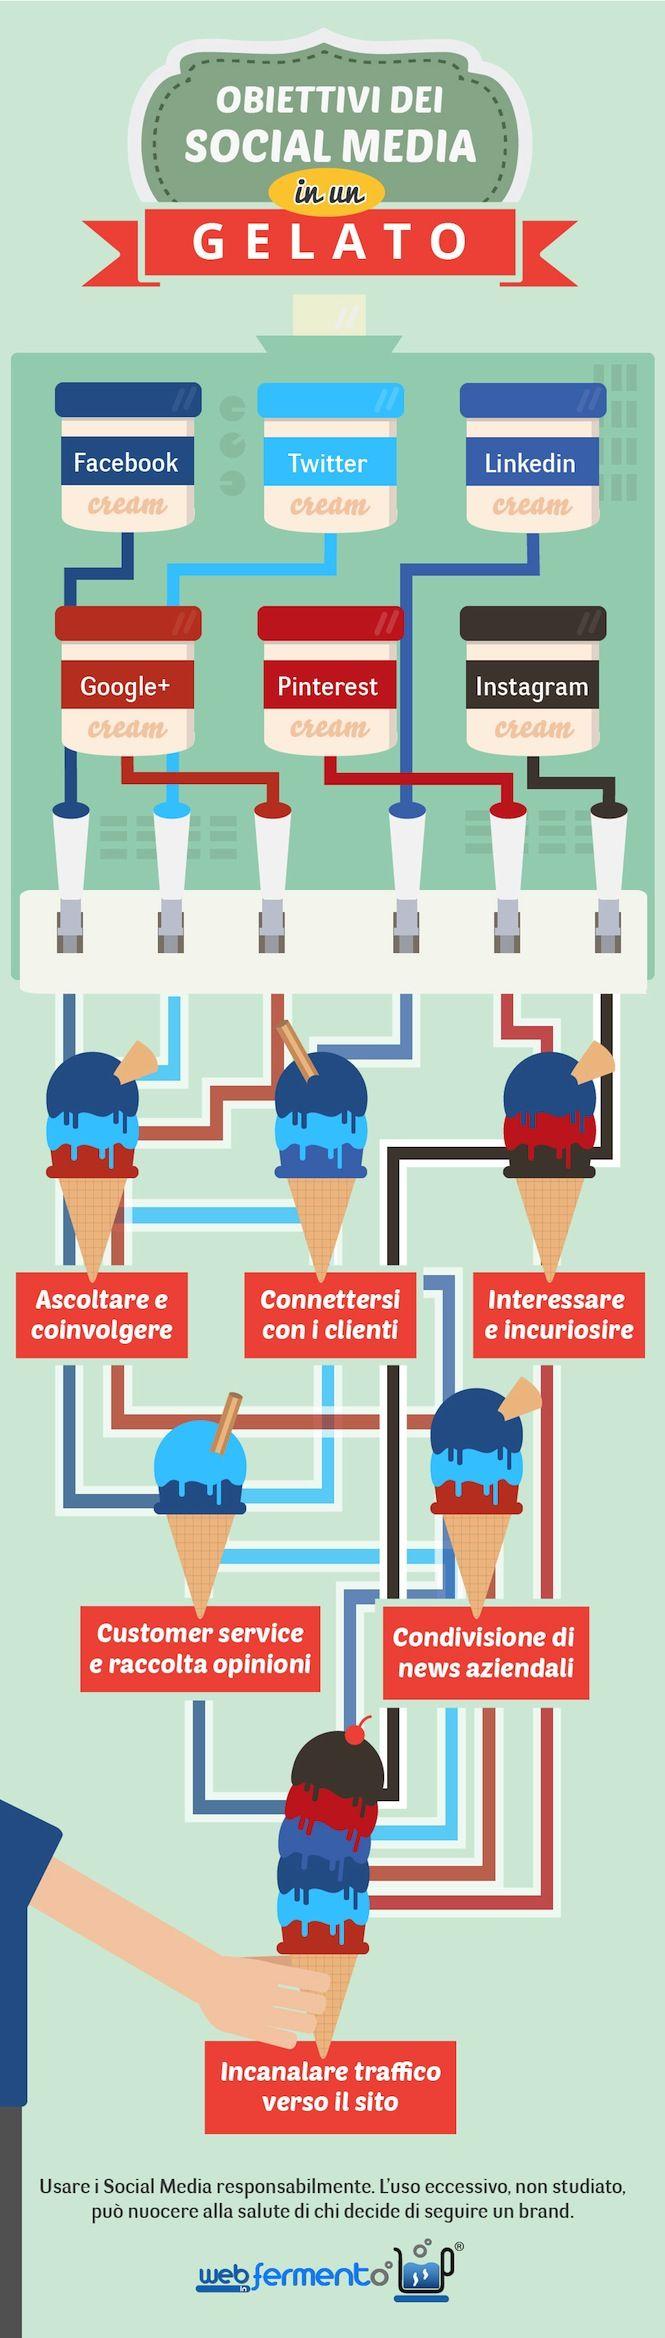 #infographic #Infografia #infografica Obiettivi dei social, in una infografica :D